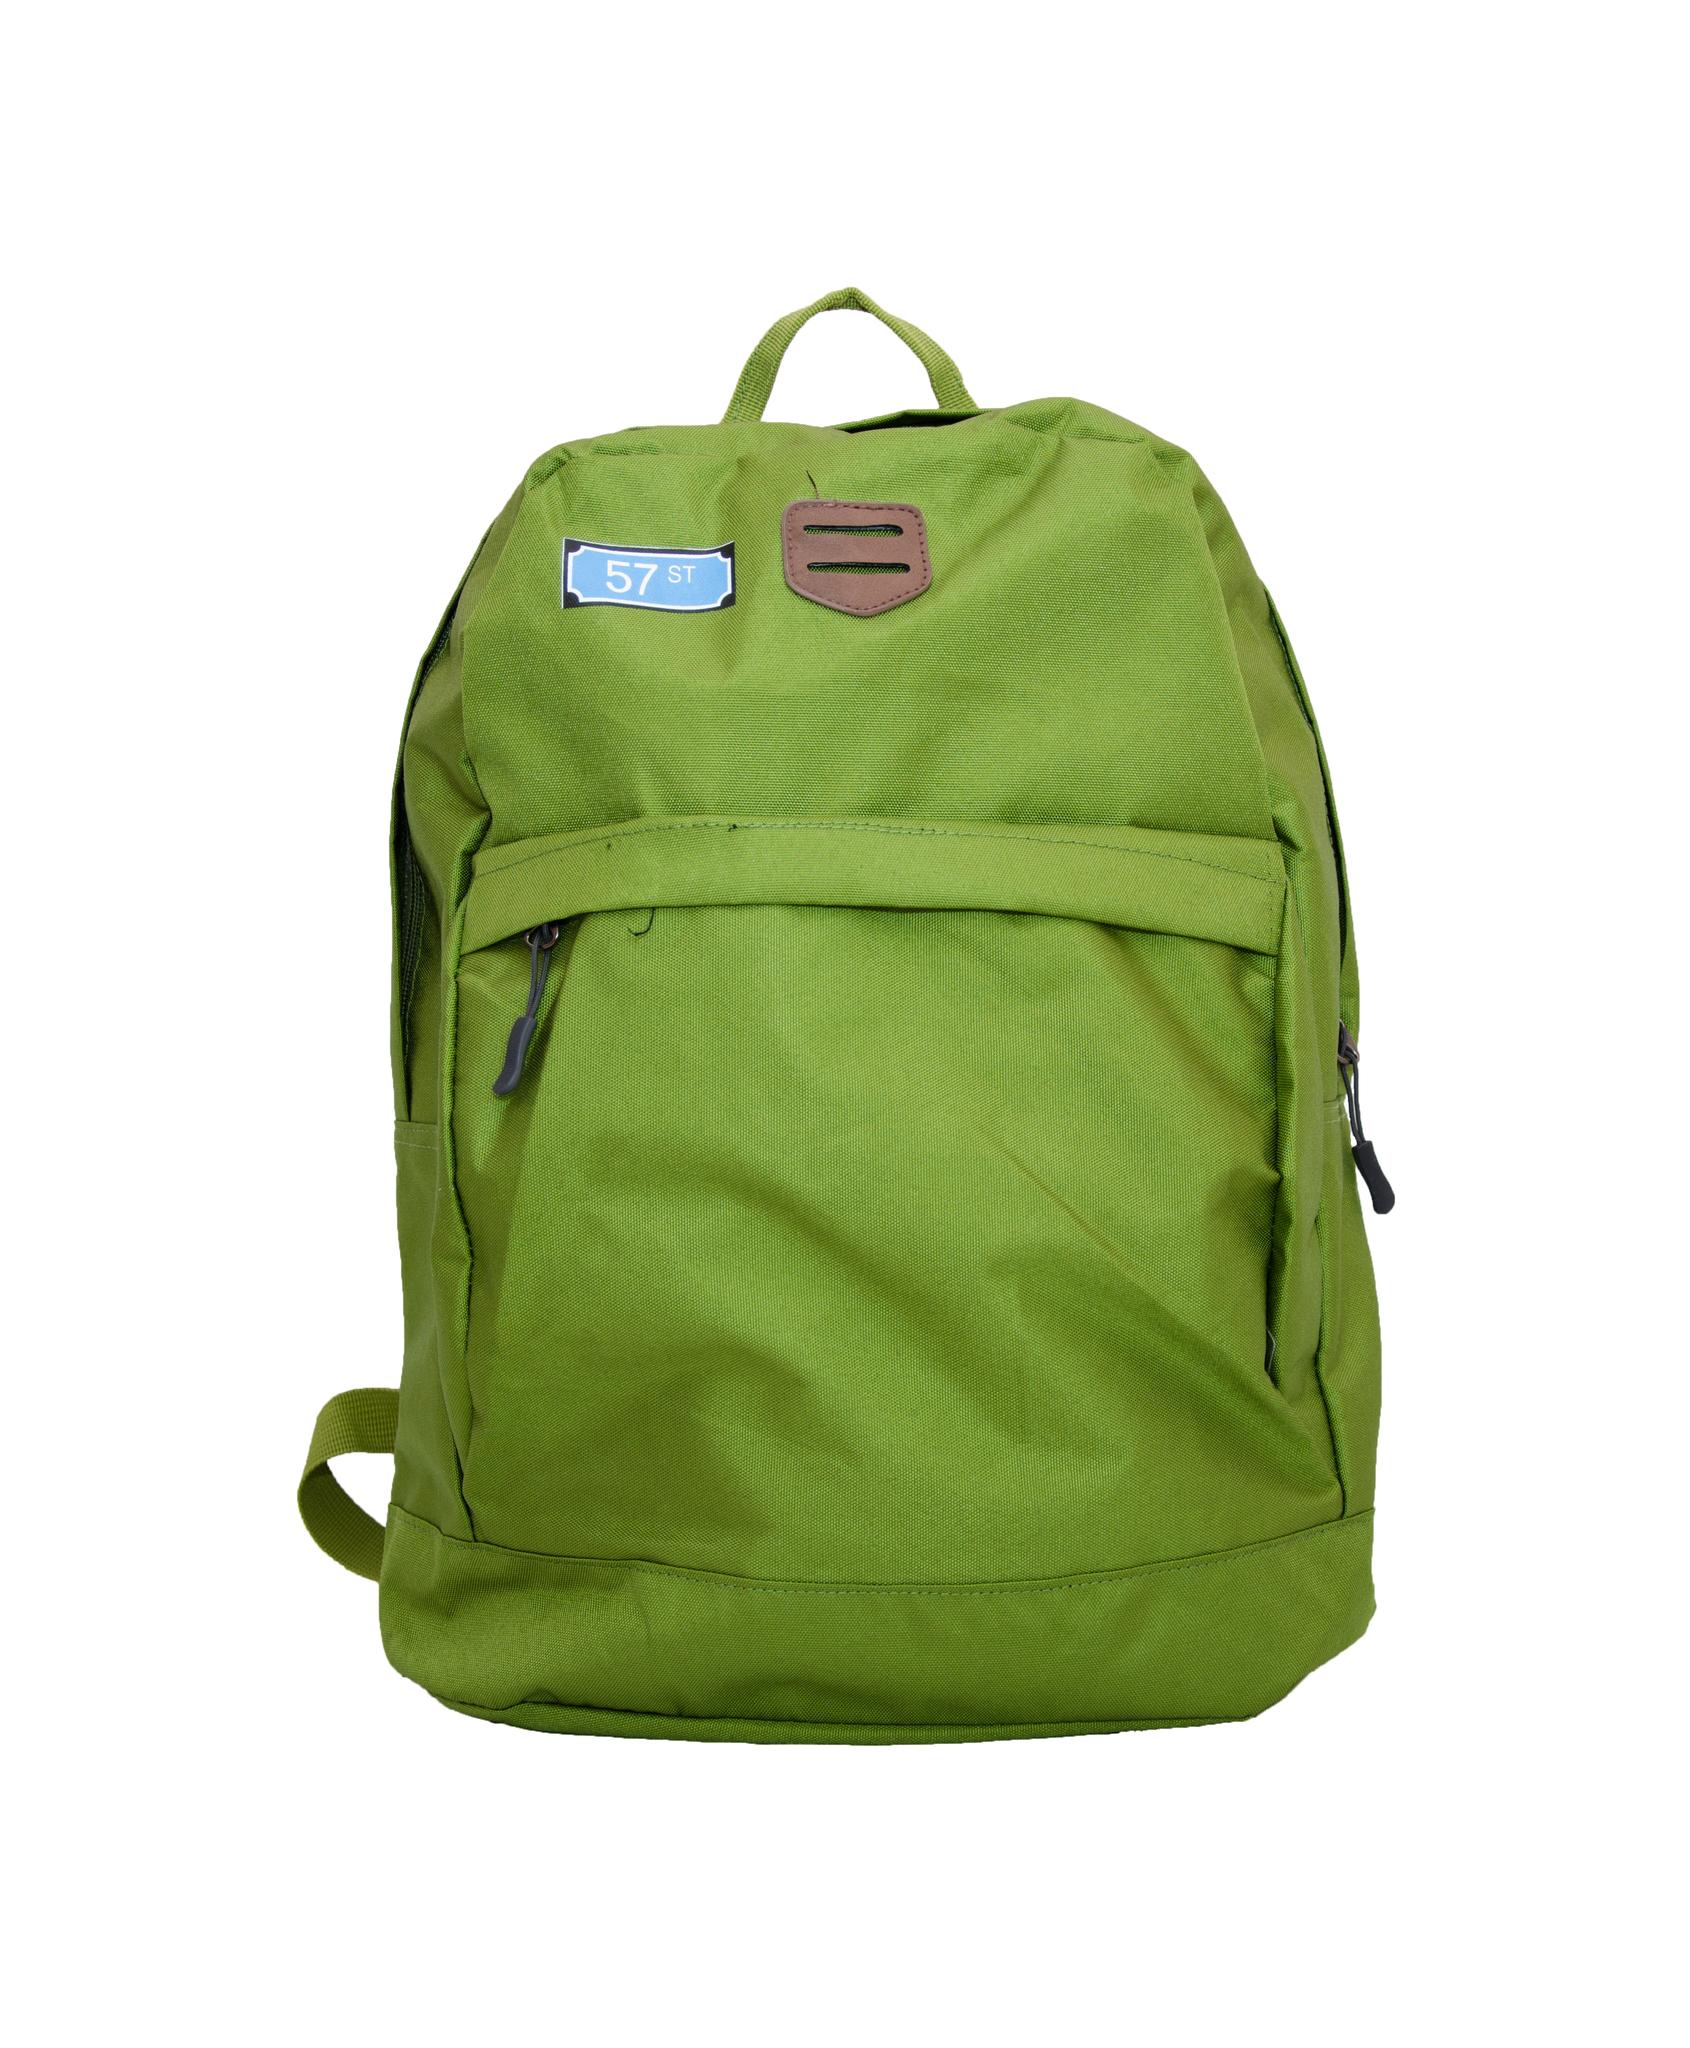 Рюкзак 57ST Bronx Зелёный